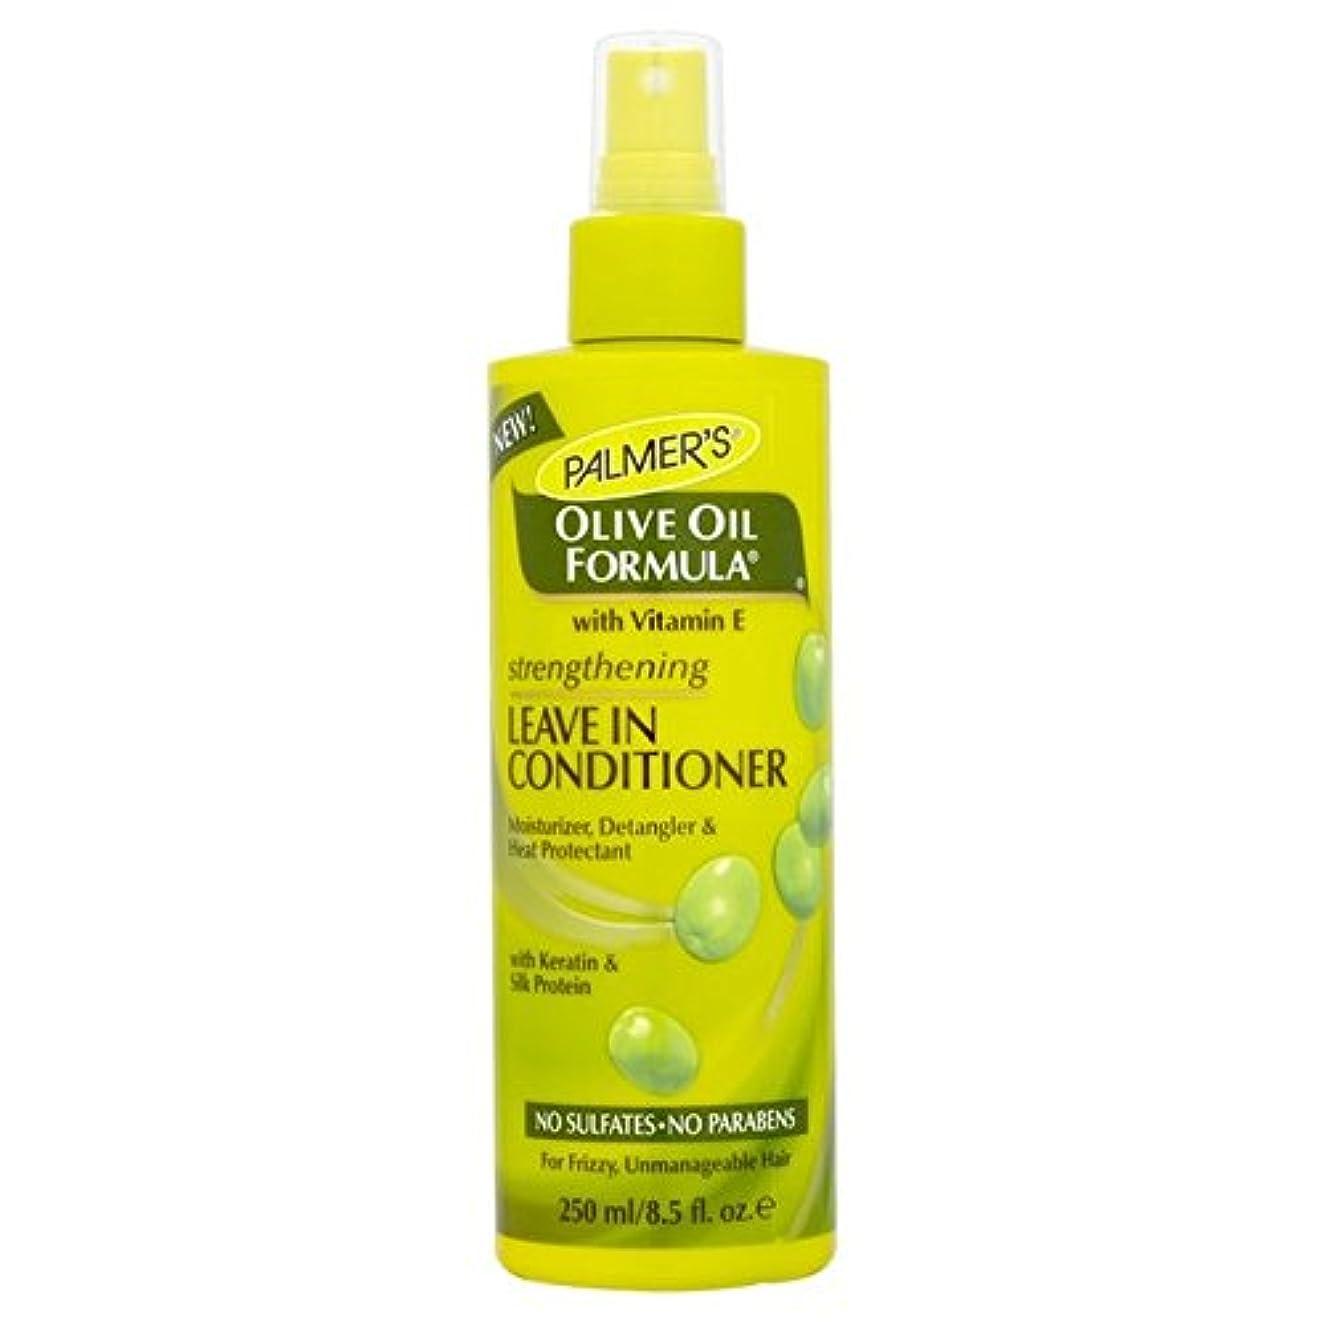 エレクトロニック真珠のような実用的Palmer's Olive Oil Formula Strengthening Leave-in Conditioner 250ml (Pack of 6) - リーブインコンディショナー250を強化パーマーのオリーブオイル式 x6 [並行輸入品]